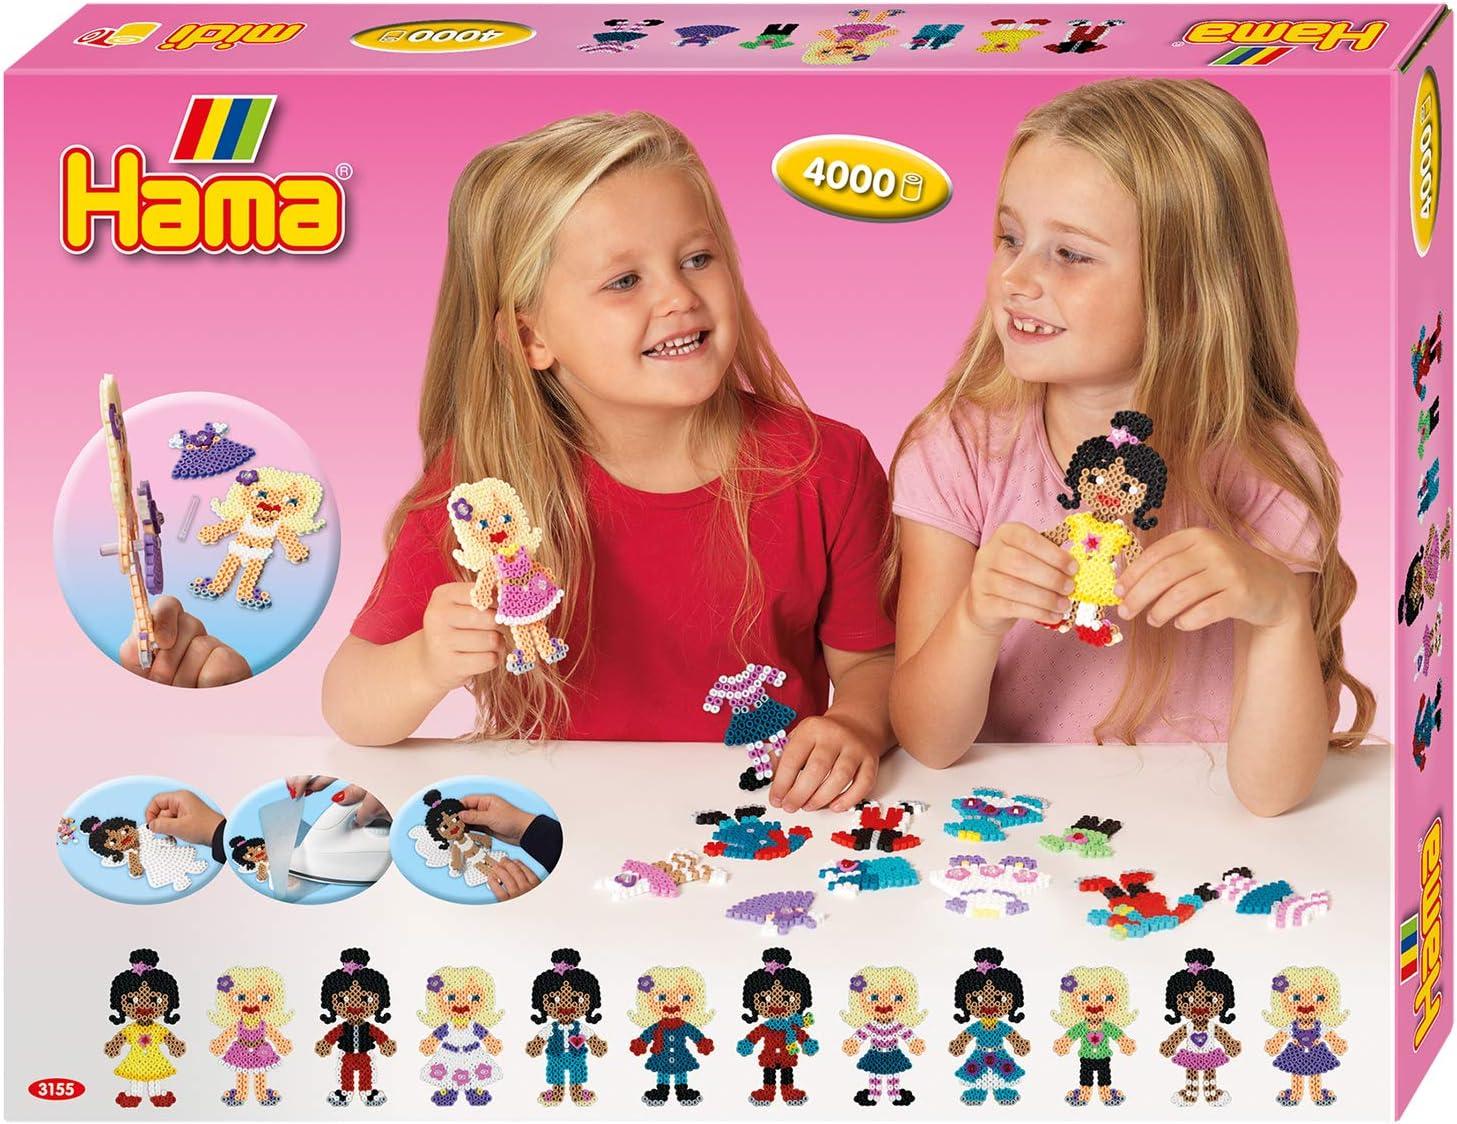 Hama Beads Juego de Cuentas, Multicolor (Matle Haaning Plastics 10.3155)